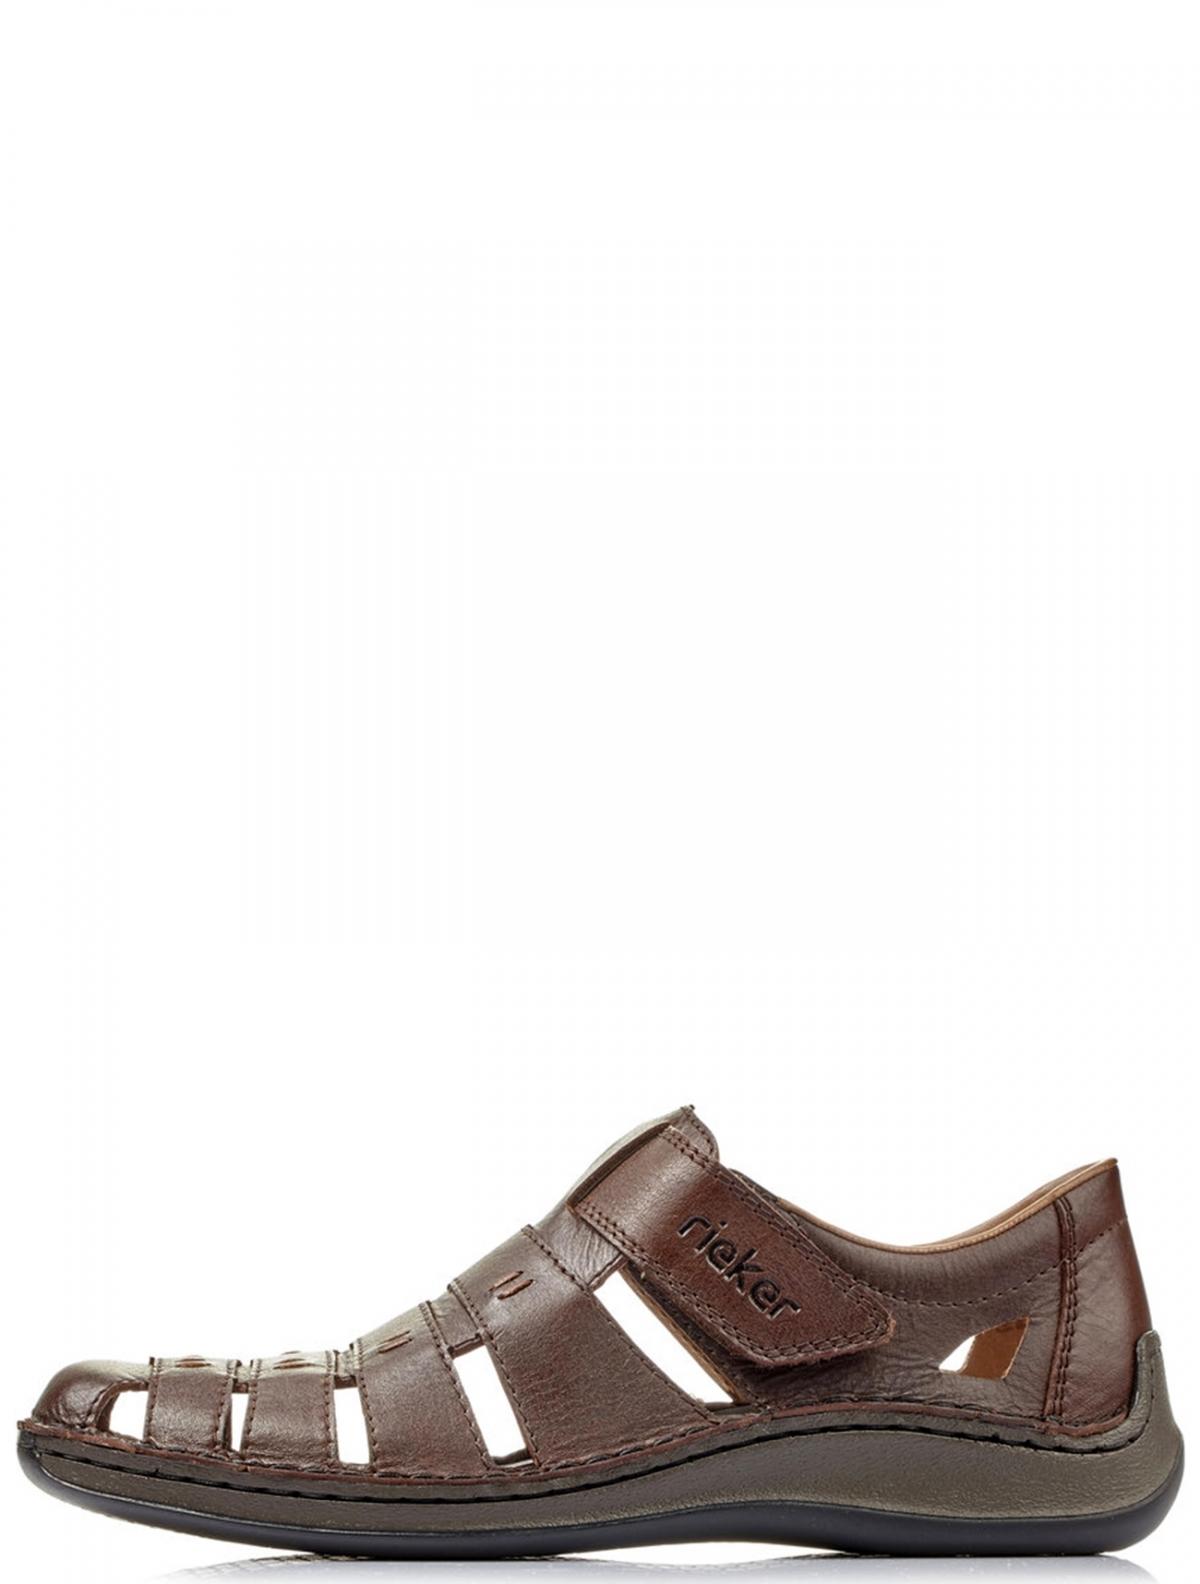 Rieker 05279-25 мужские туфли